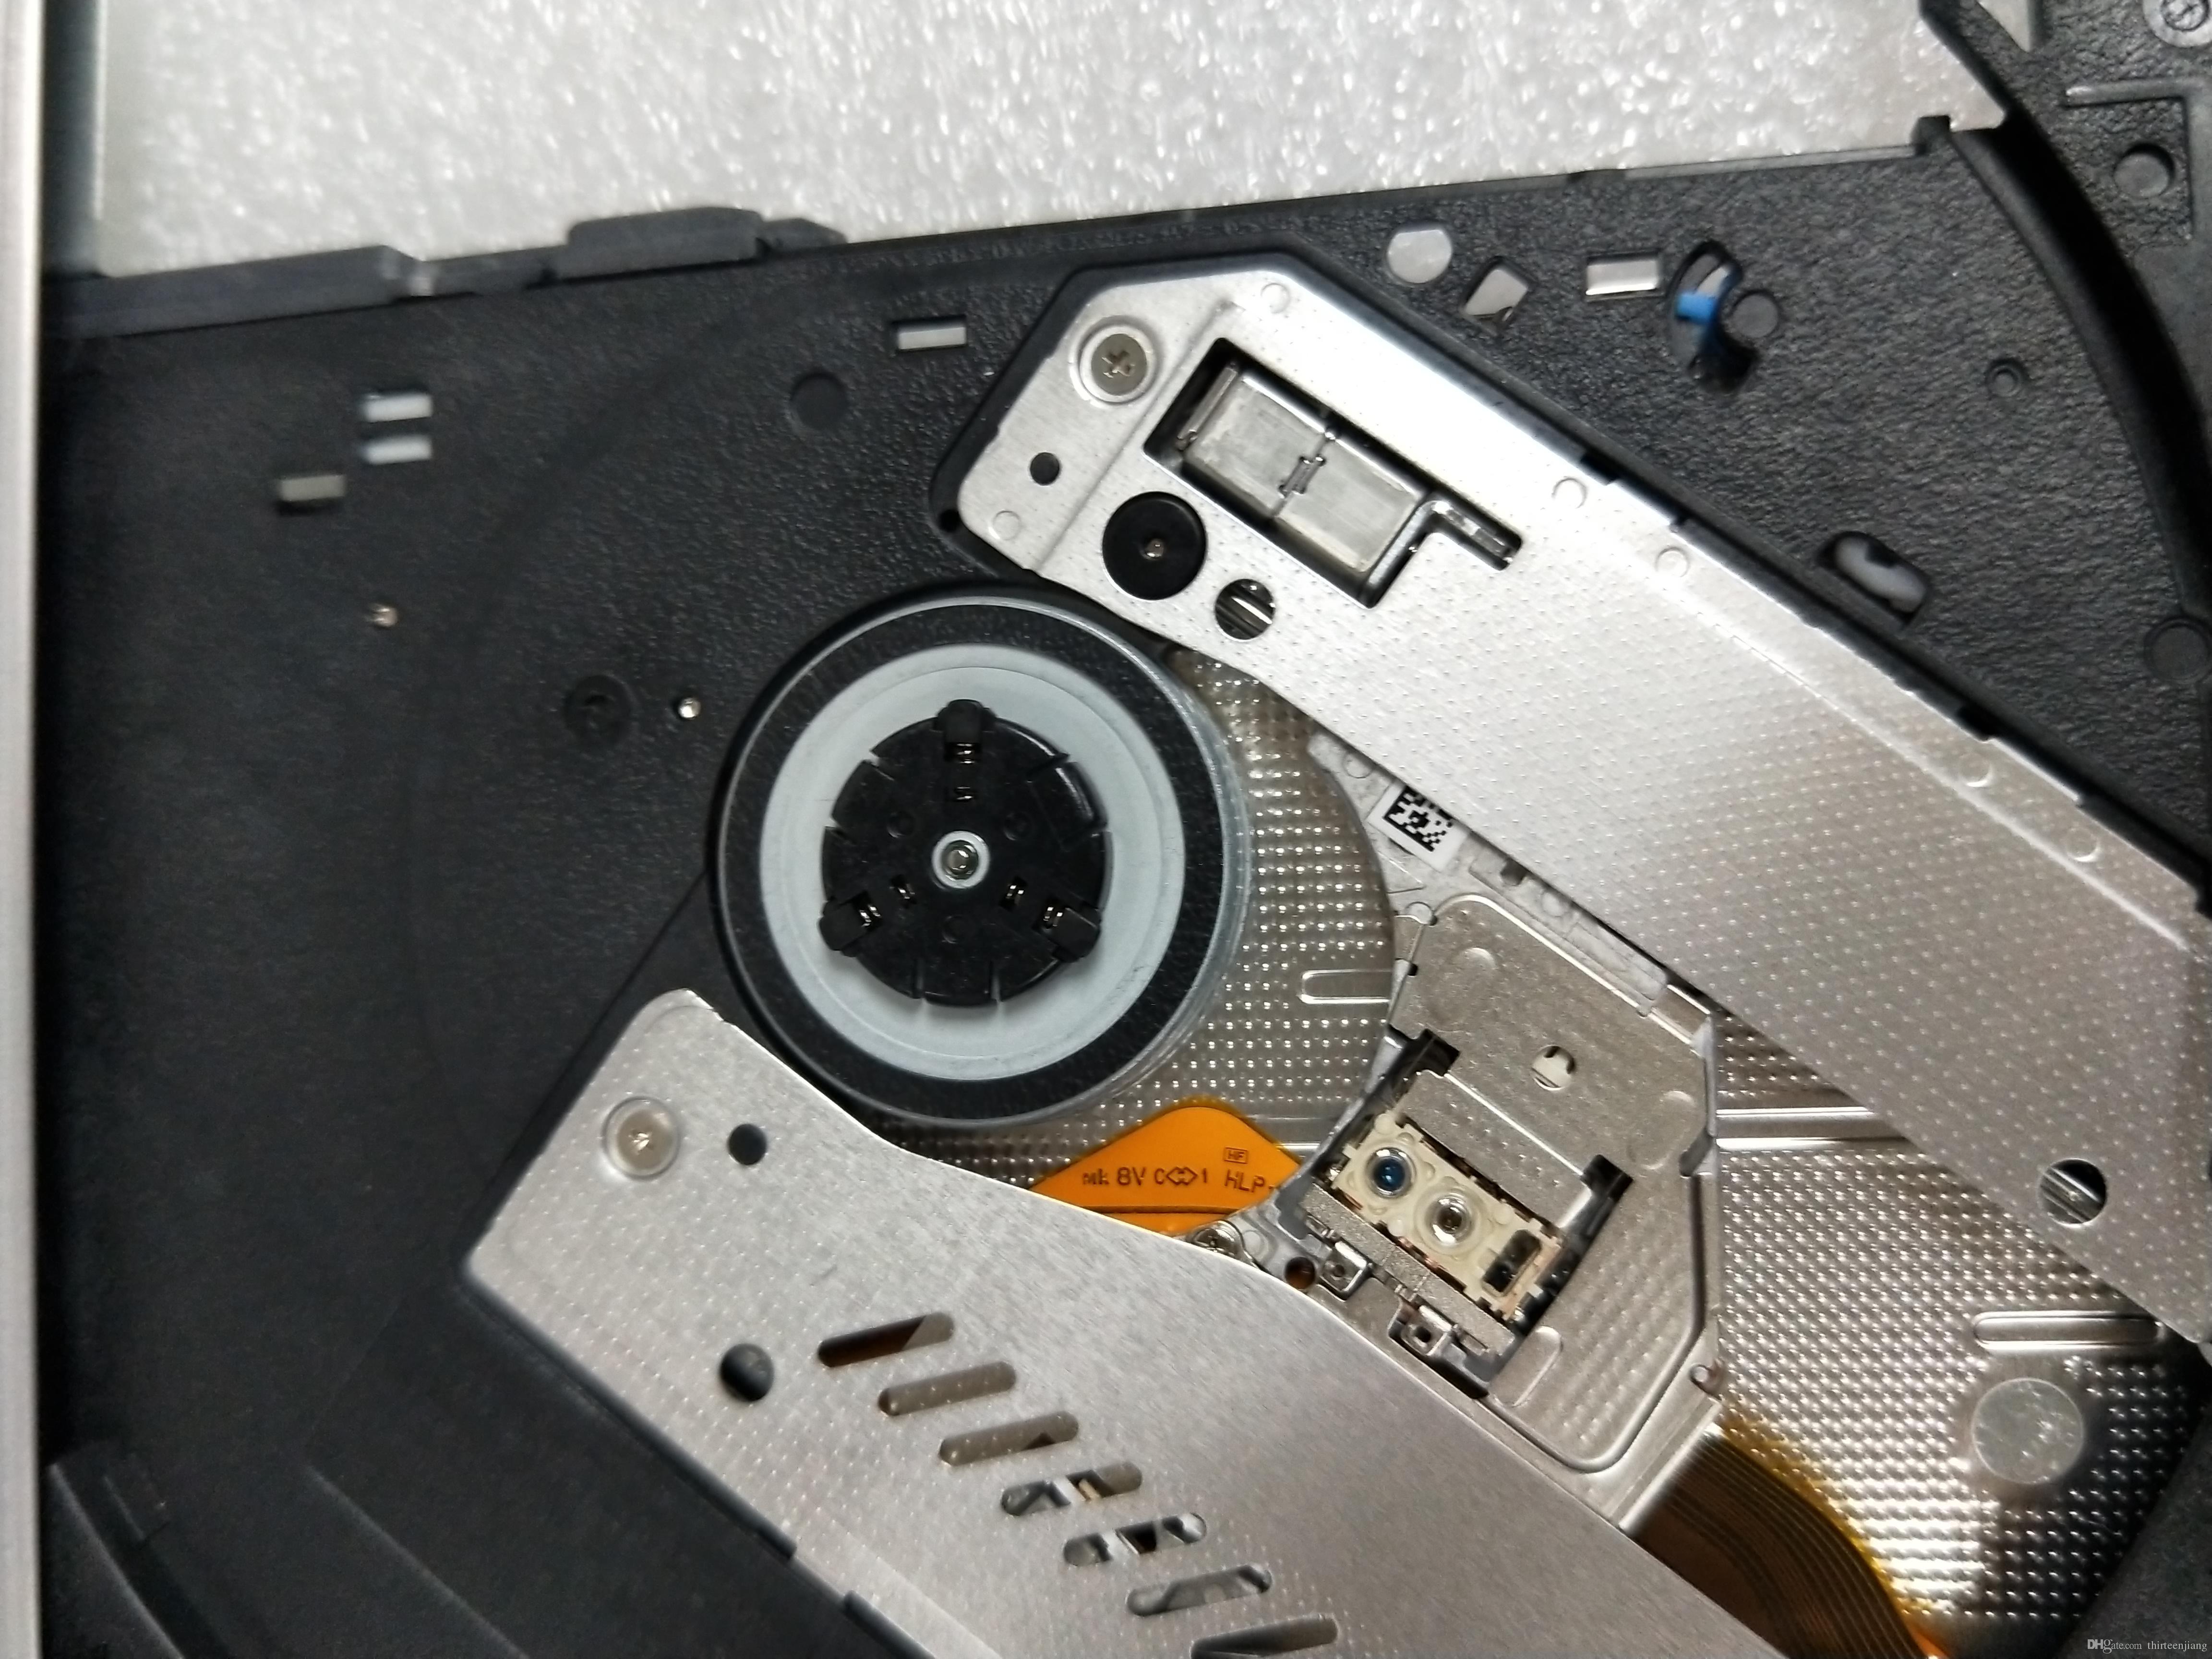 graveur blu-ray / dvd ultra-platine lg graveur blu-ray bu40n lecteur  graveur bd-re bdxl